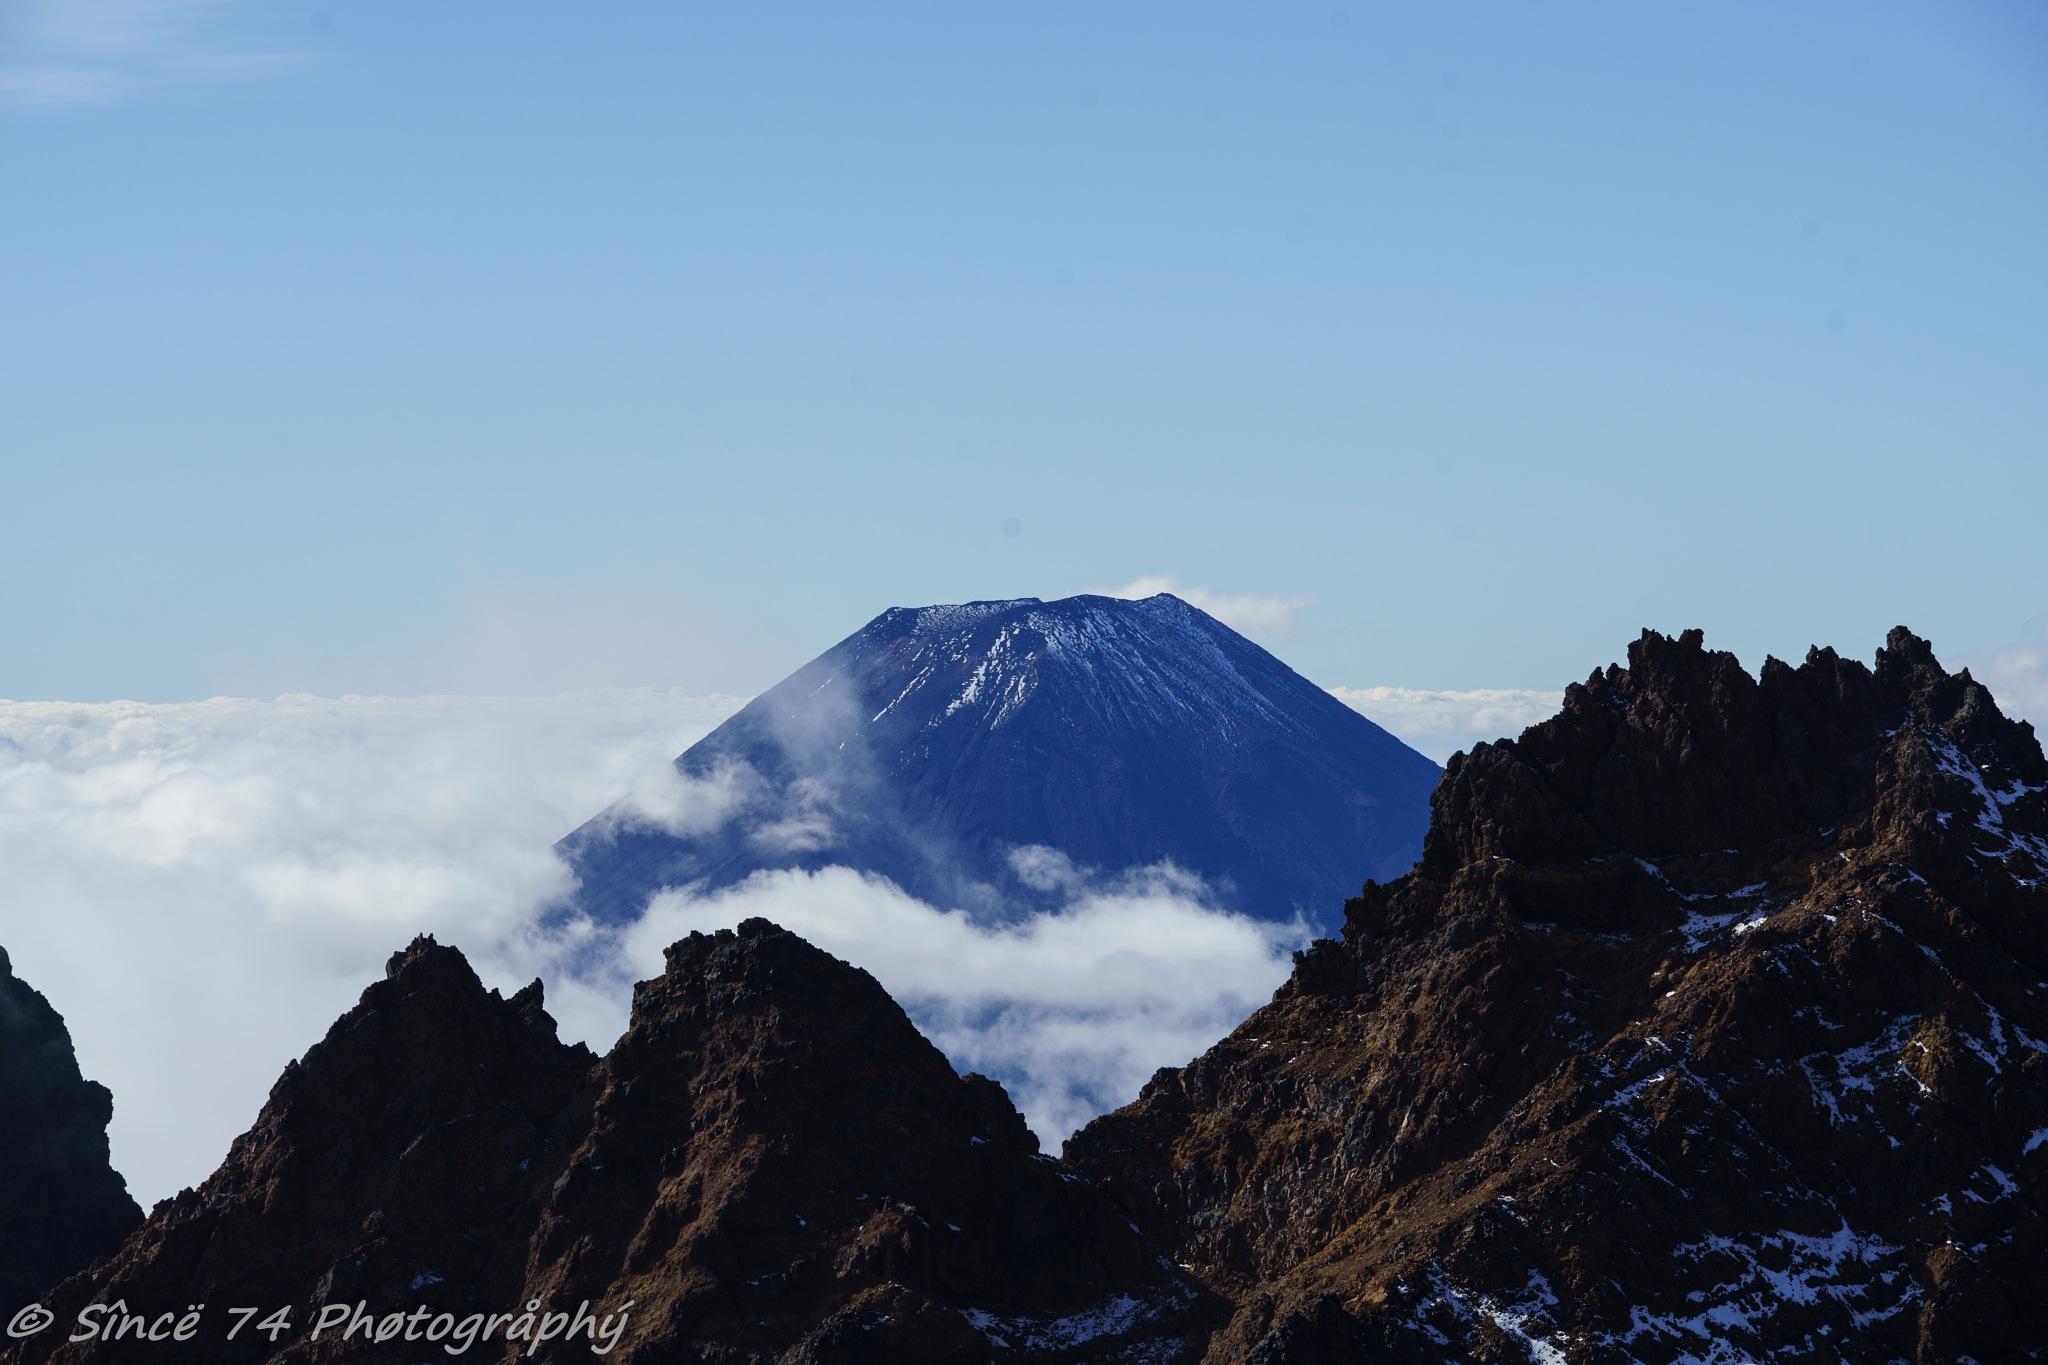 Mount Ngauruhoe, North island by Since 74 Photography